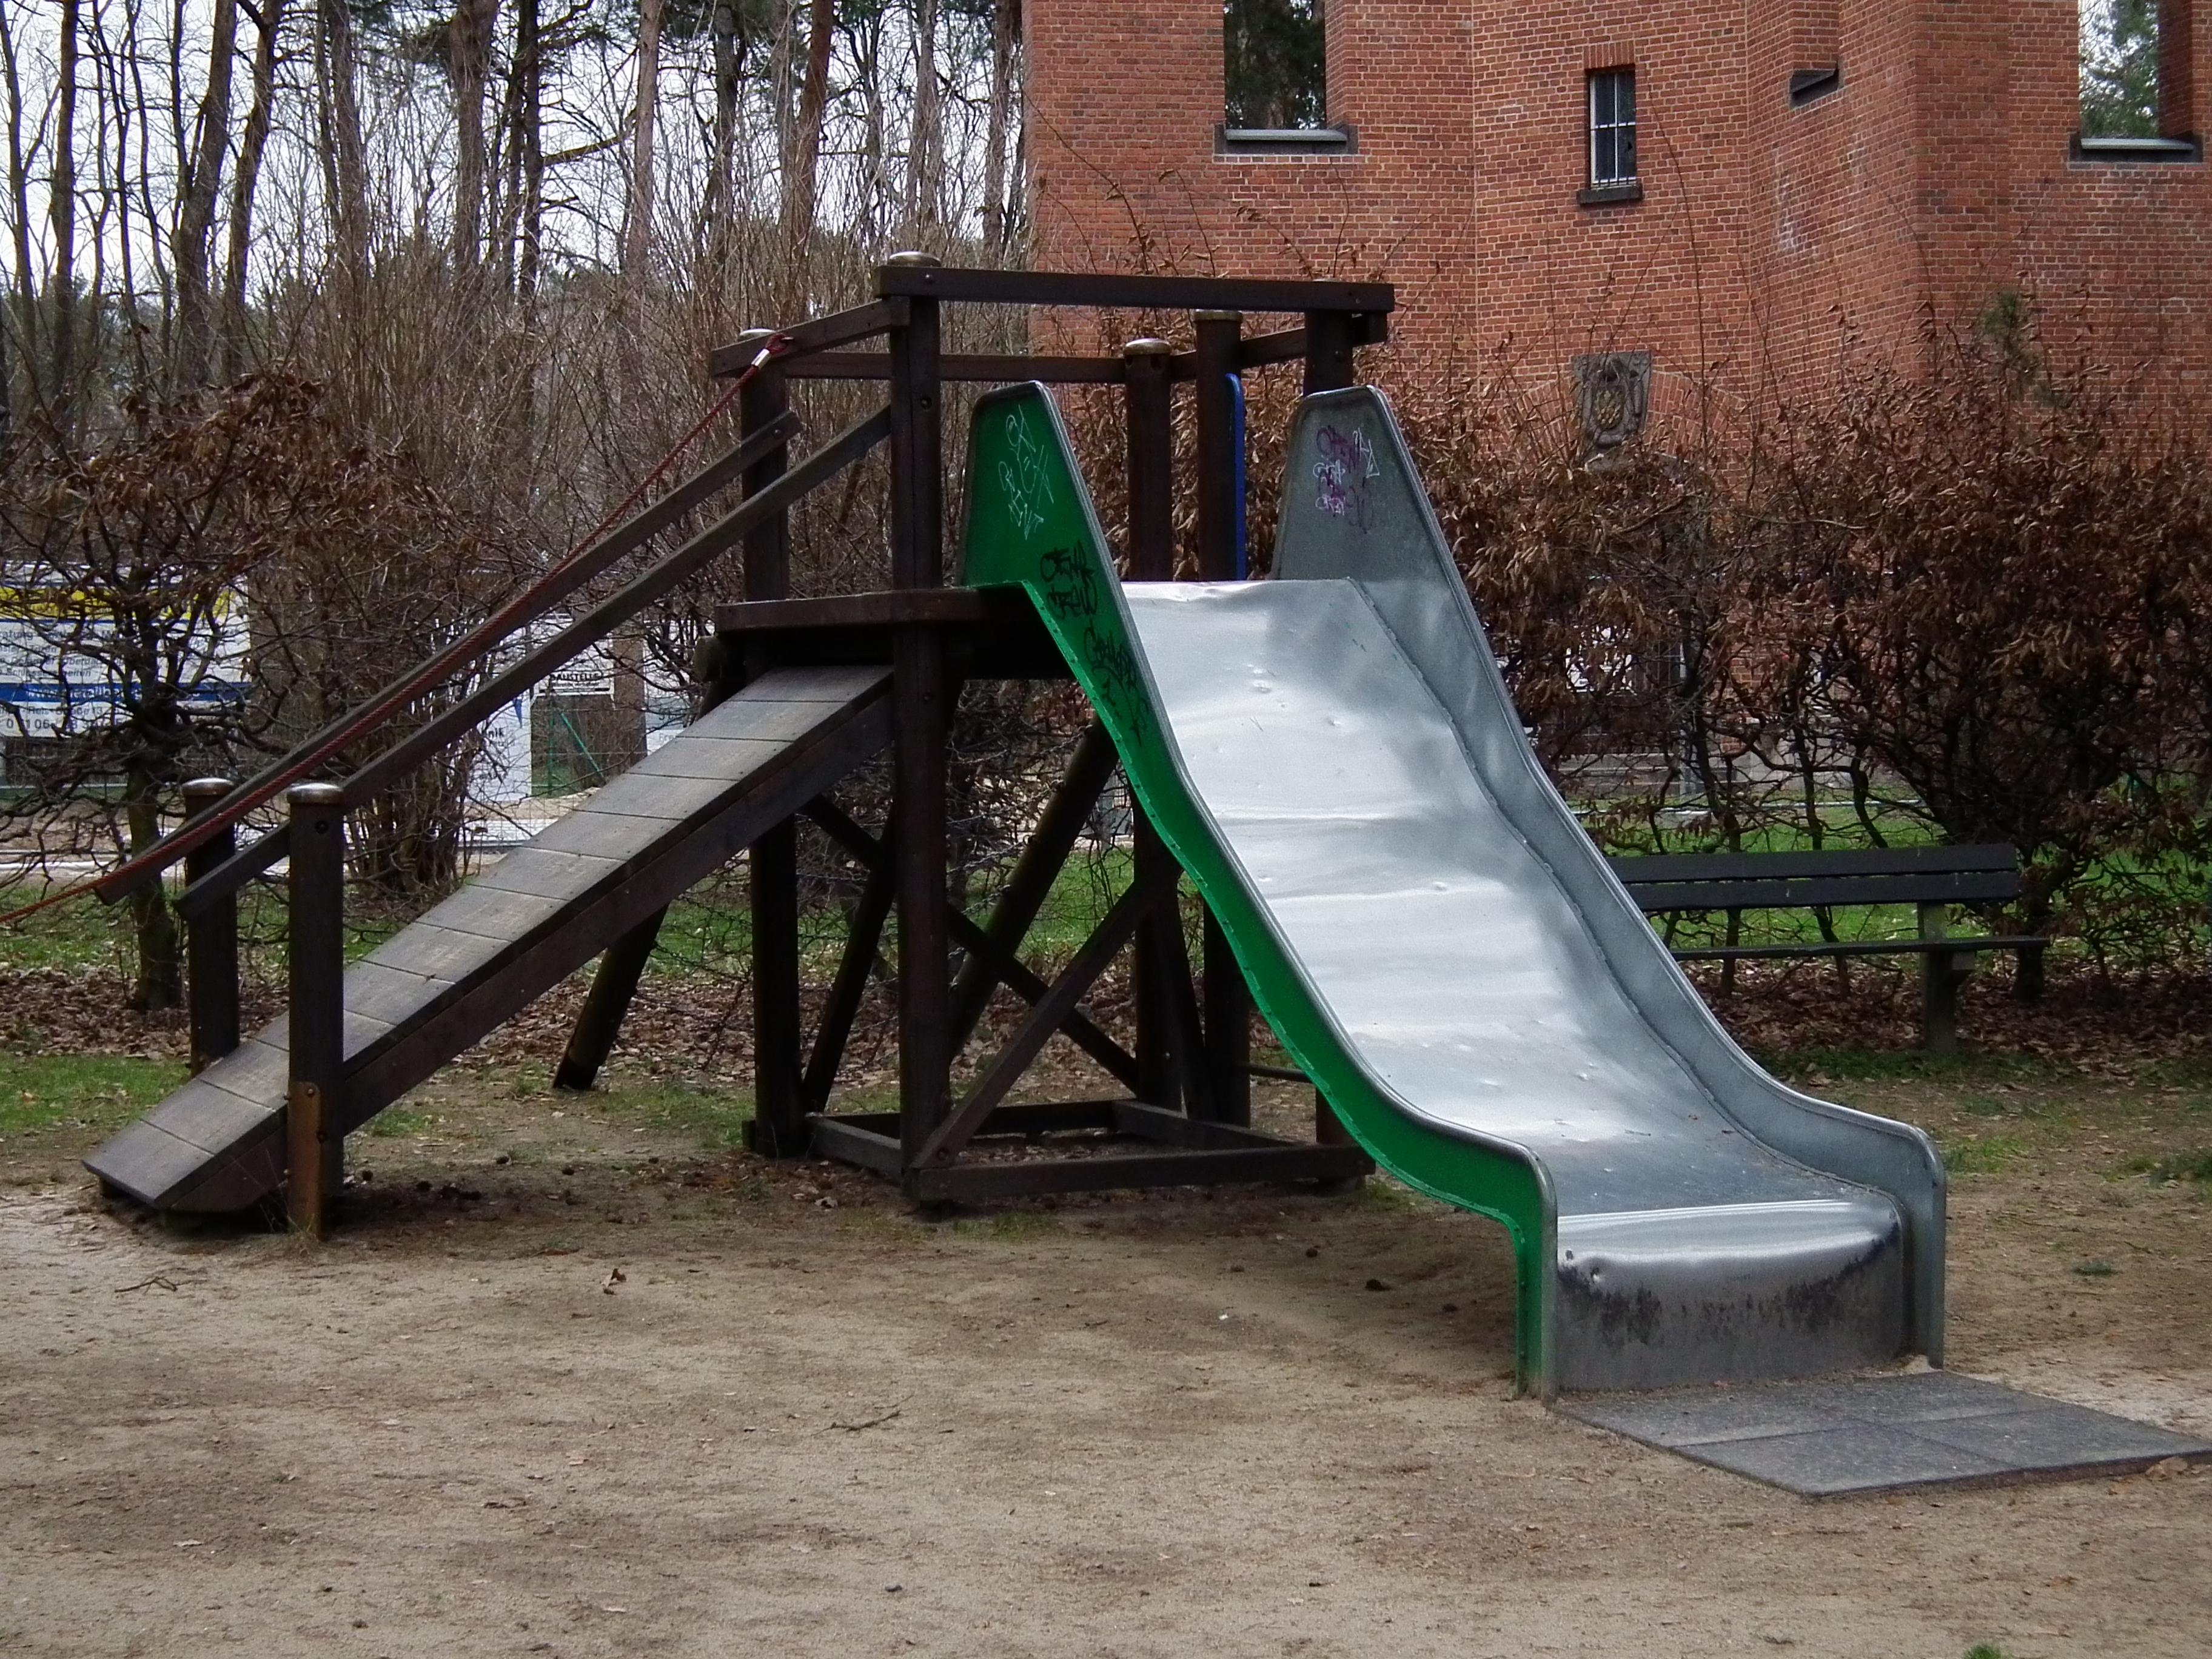 Klettergerüst English : File klettergerüst und rutsche spielplatz jügesheim g